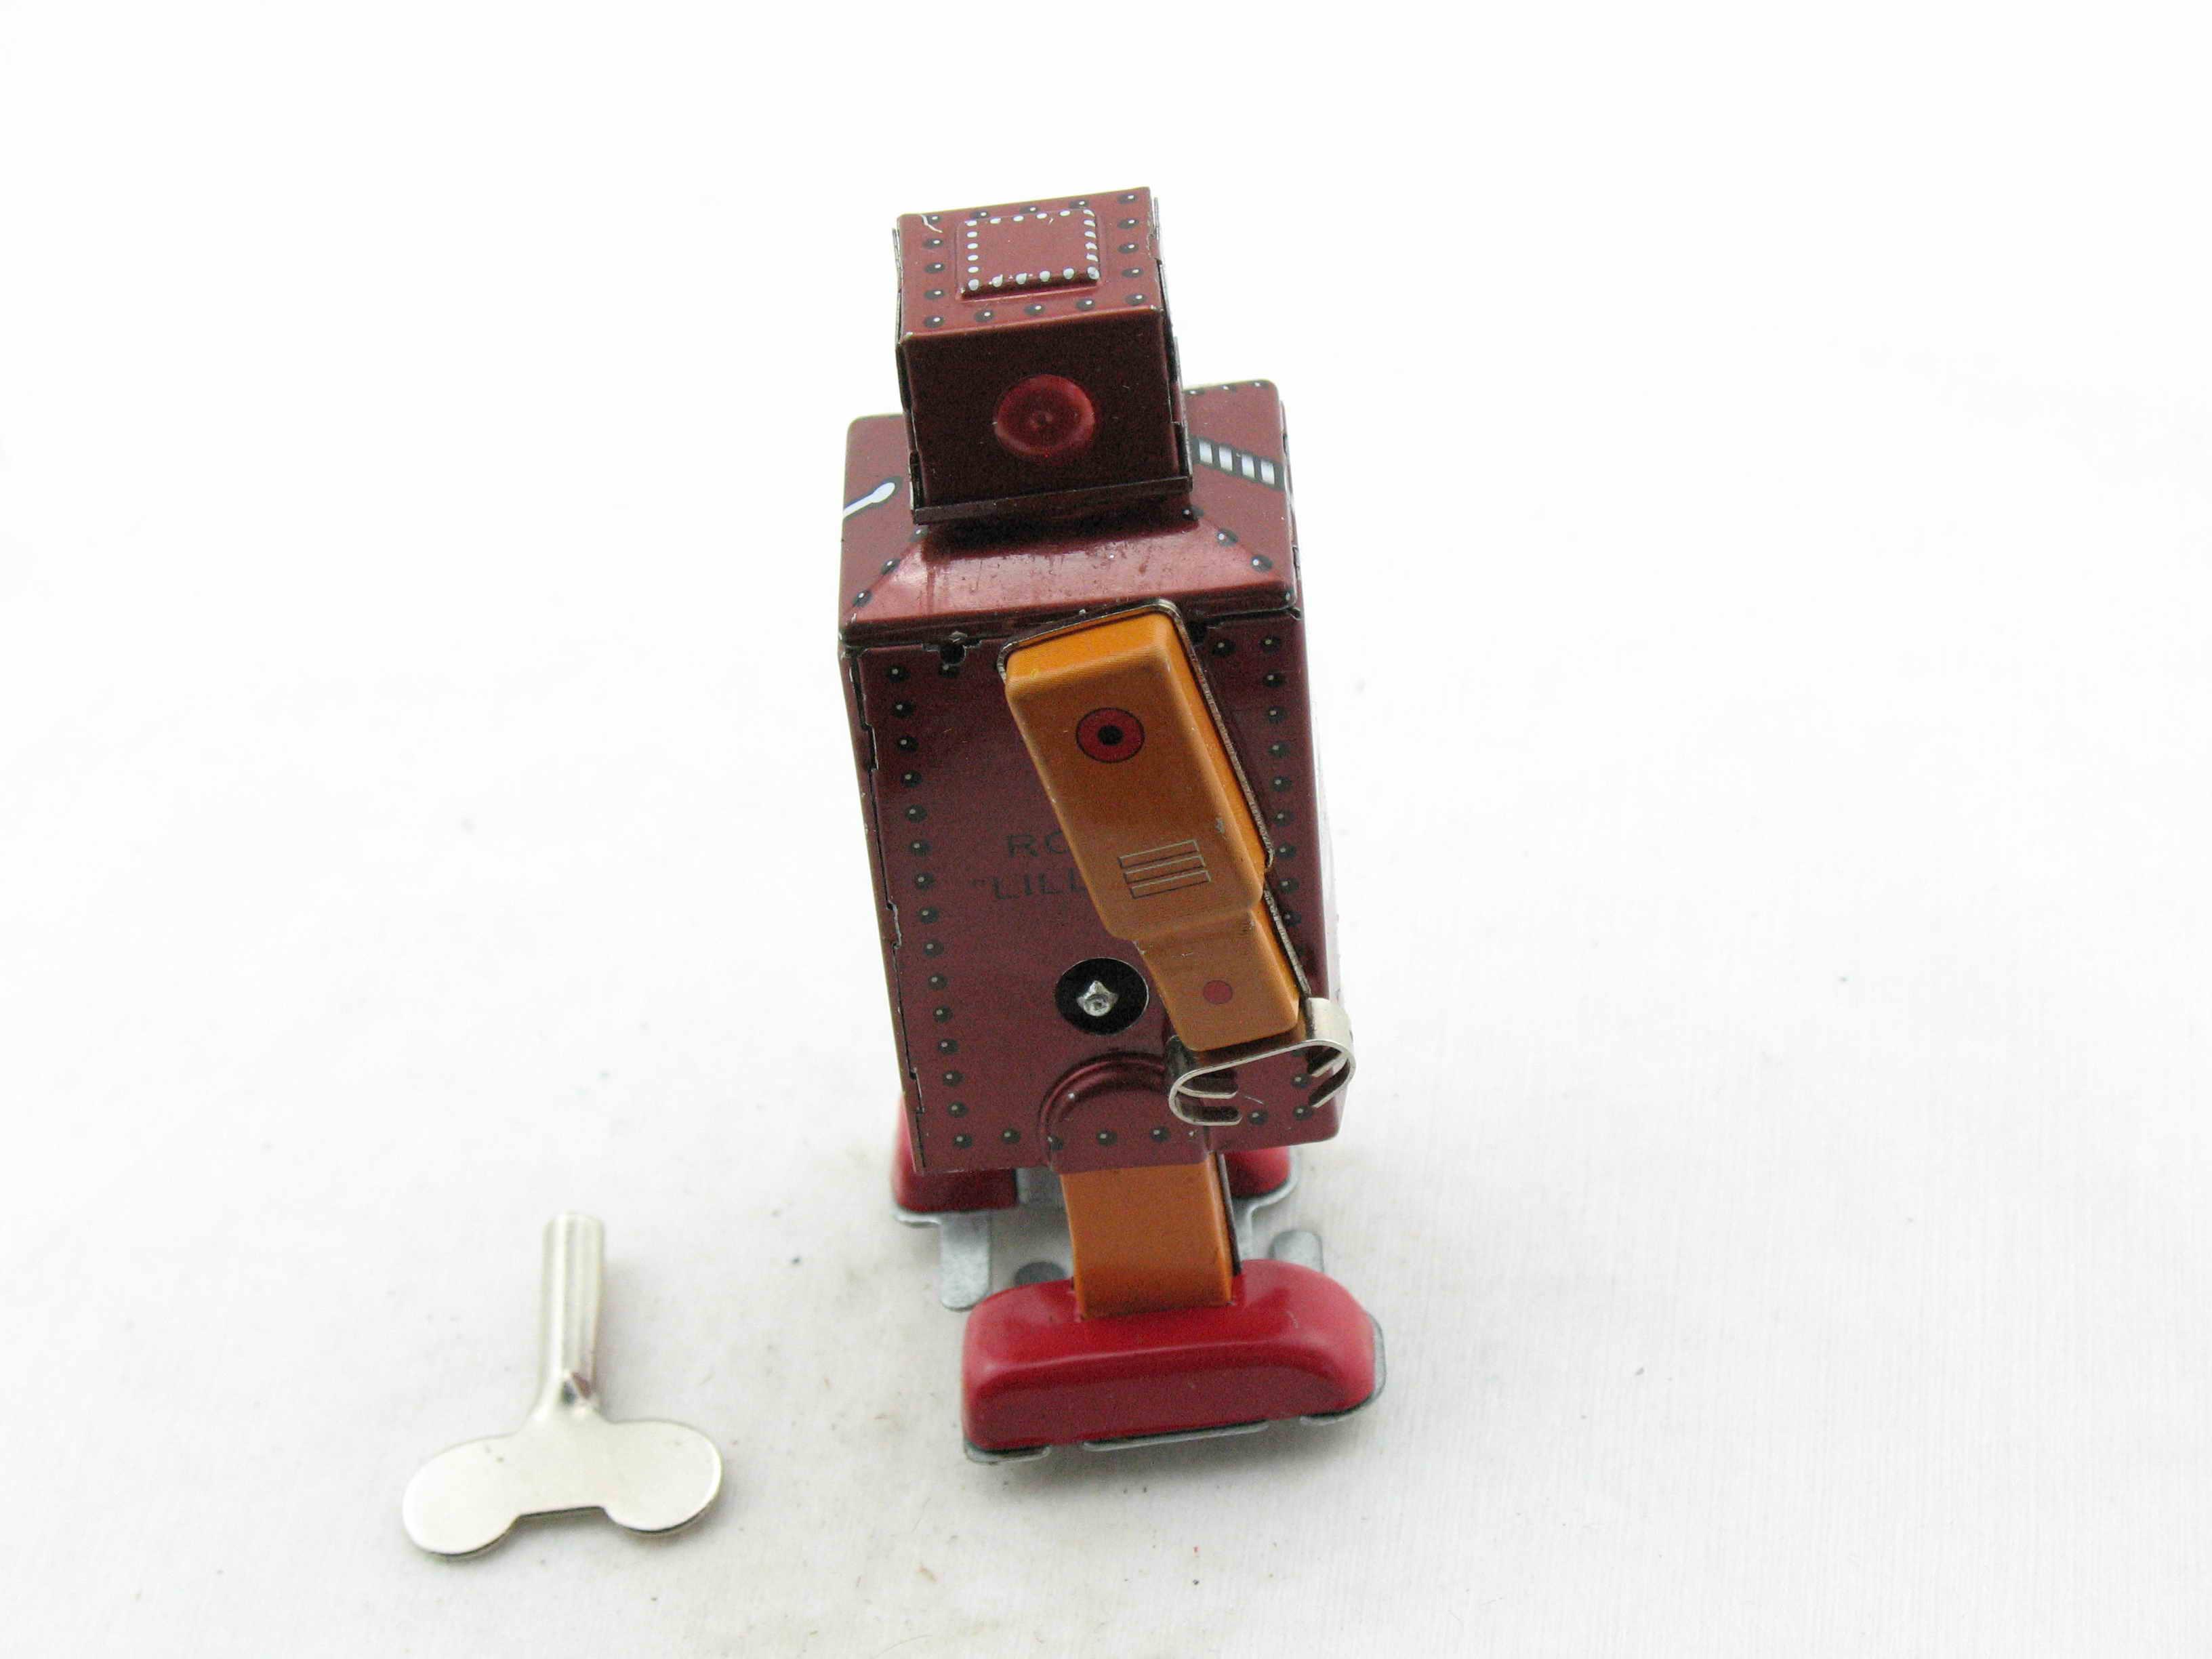 Blechroboter StraßEnpreis Roboter Blau Mechanical Robot